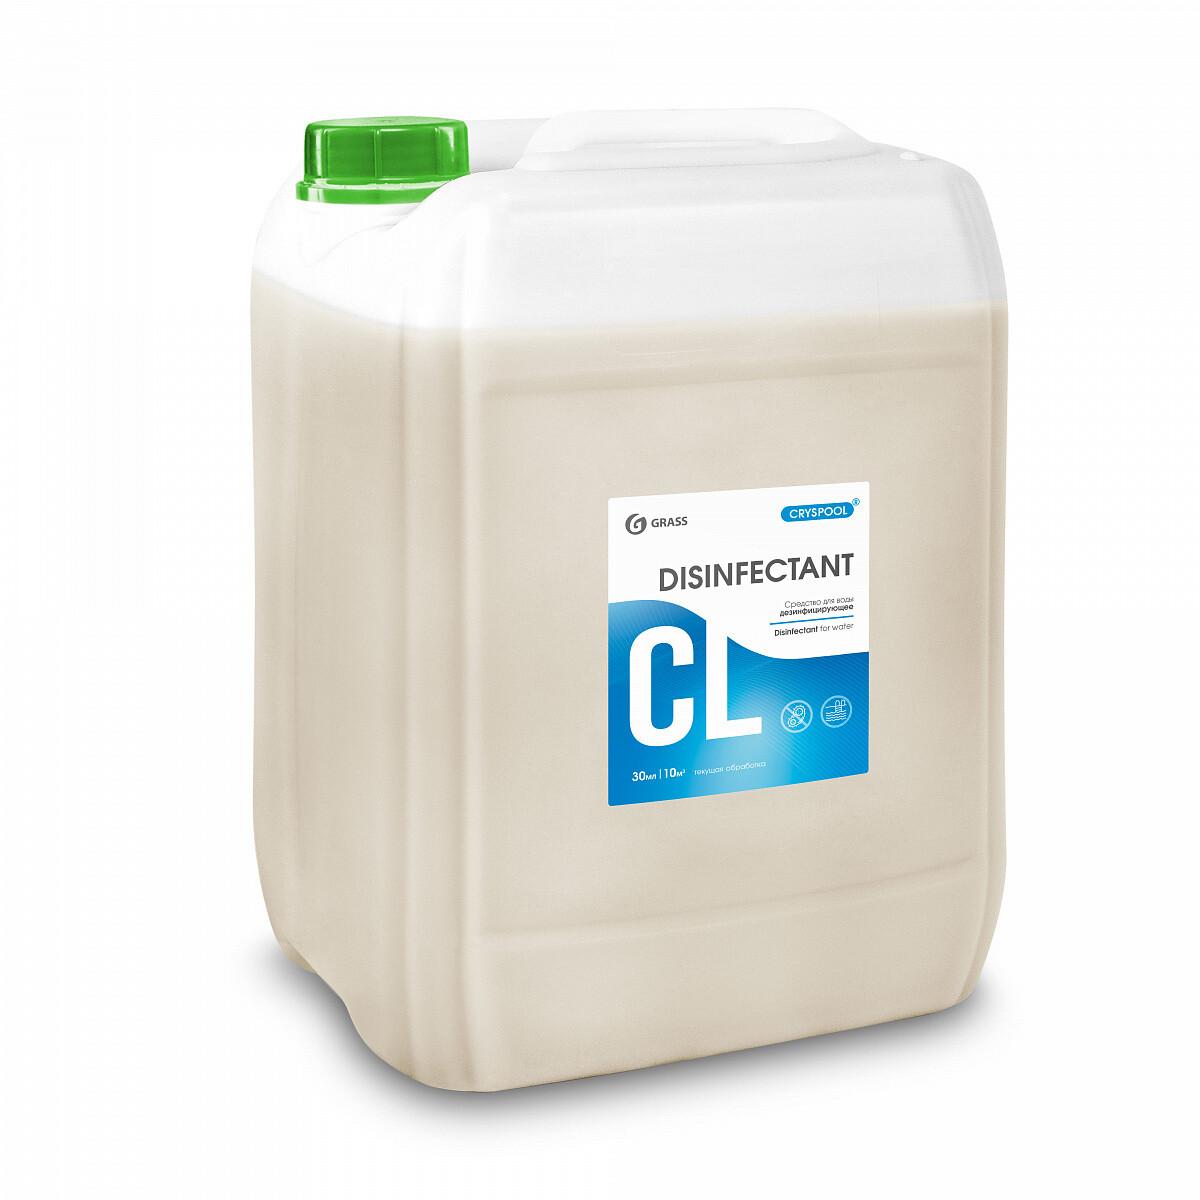 Средство дезинфицирующее для воды CRYSPOOL, 35кг